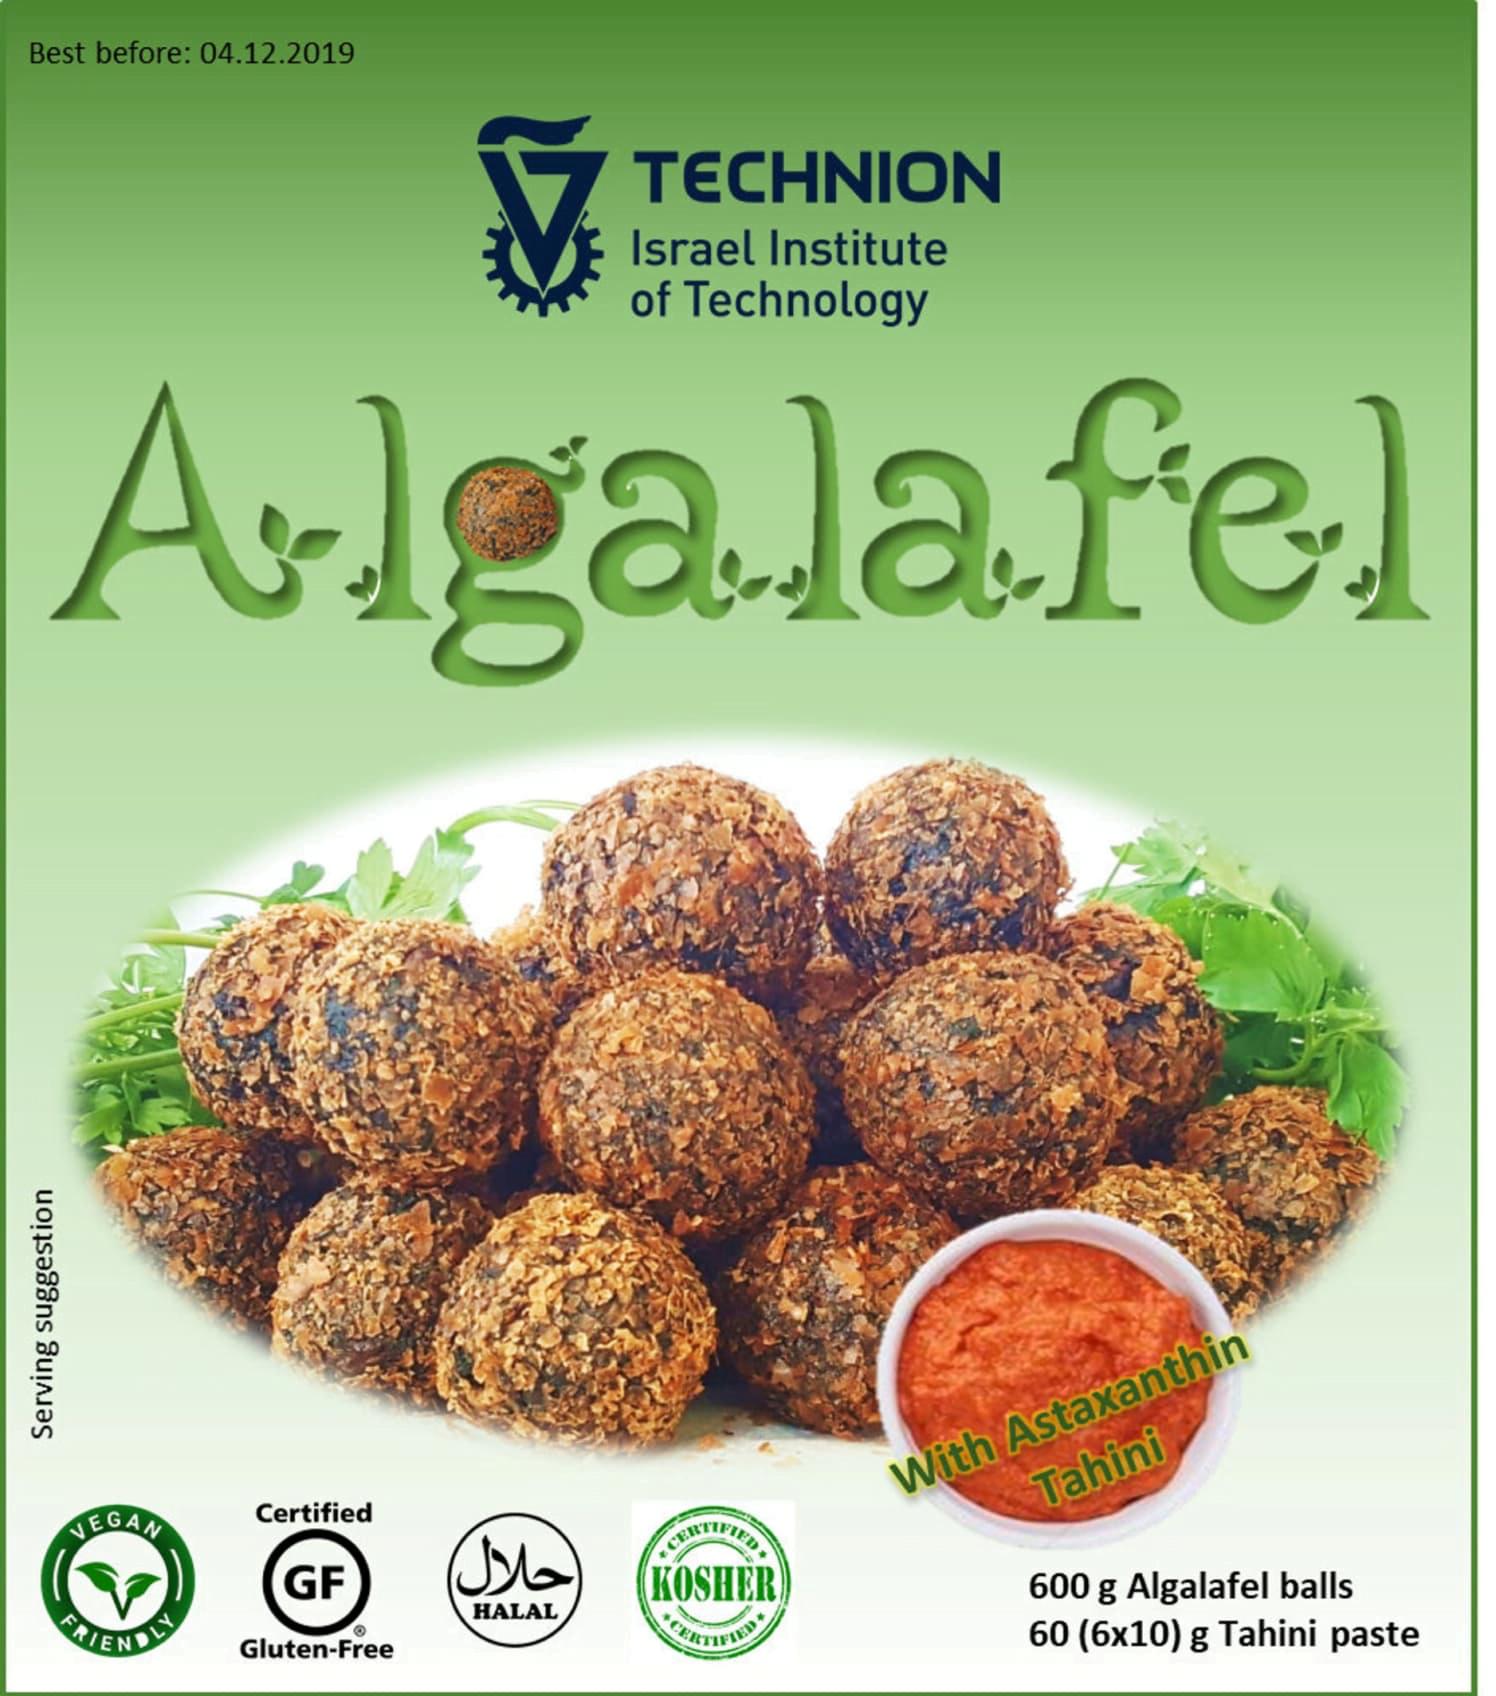 Algafalafel, la solution à la pénurie de manque de protéine dans le monde